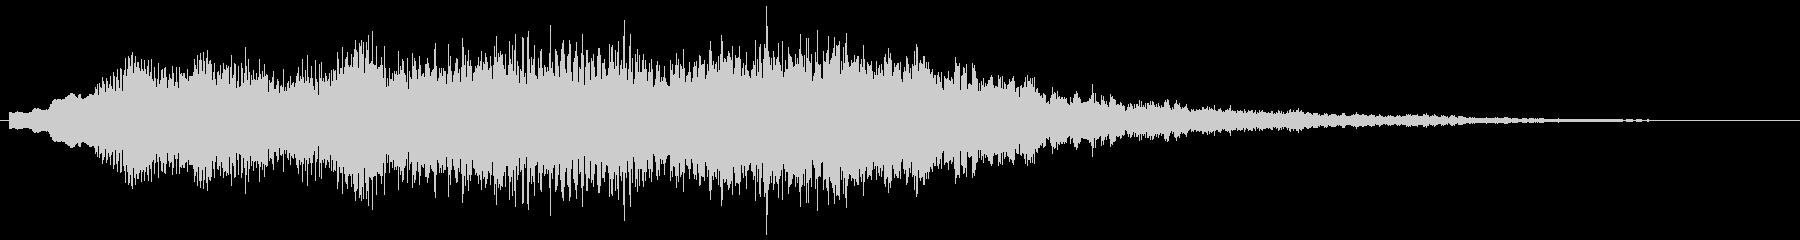 綺麗に澄んだ音 柔らかい音 サウンドロゴの未再生の波形